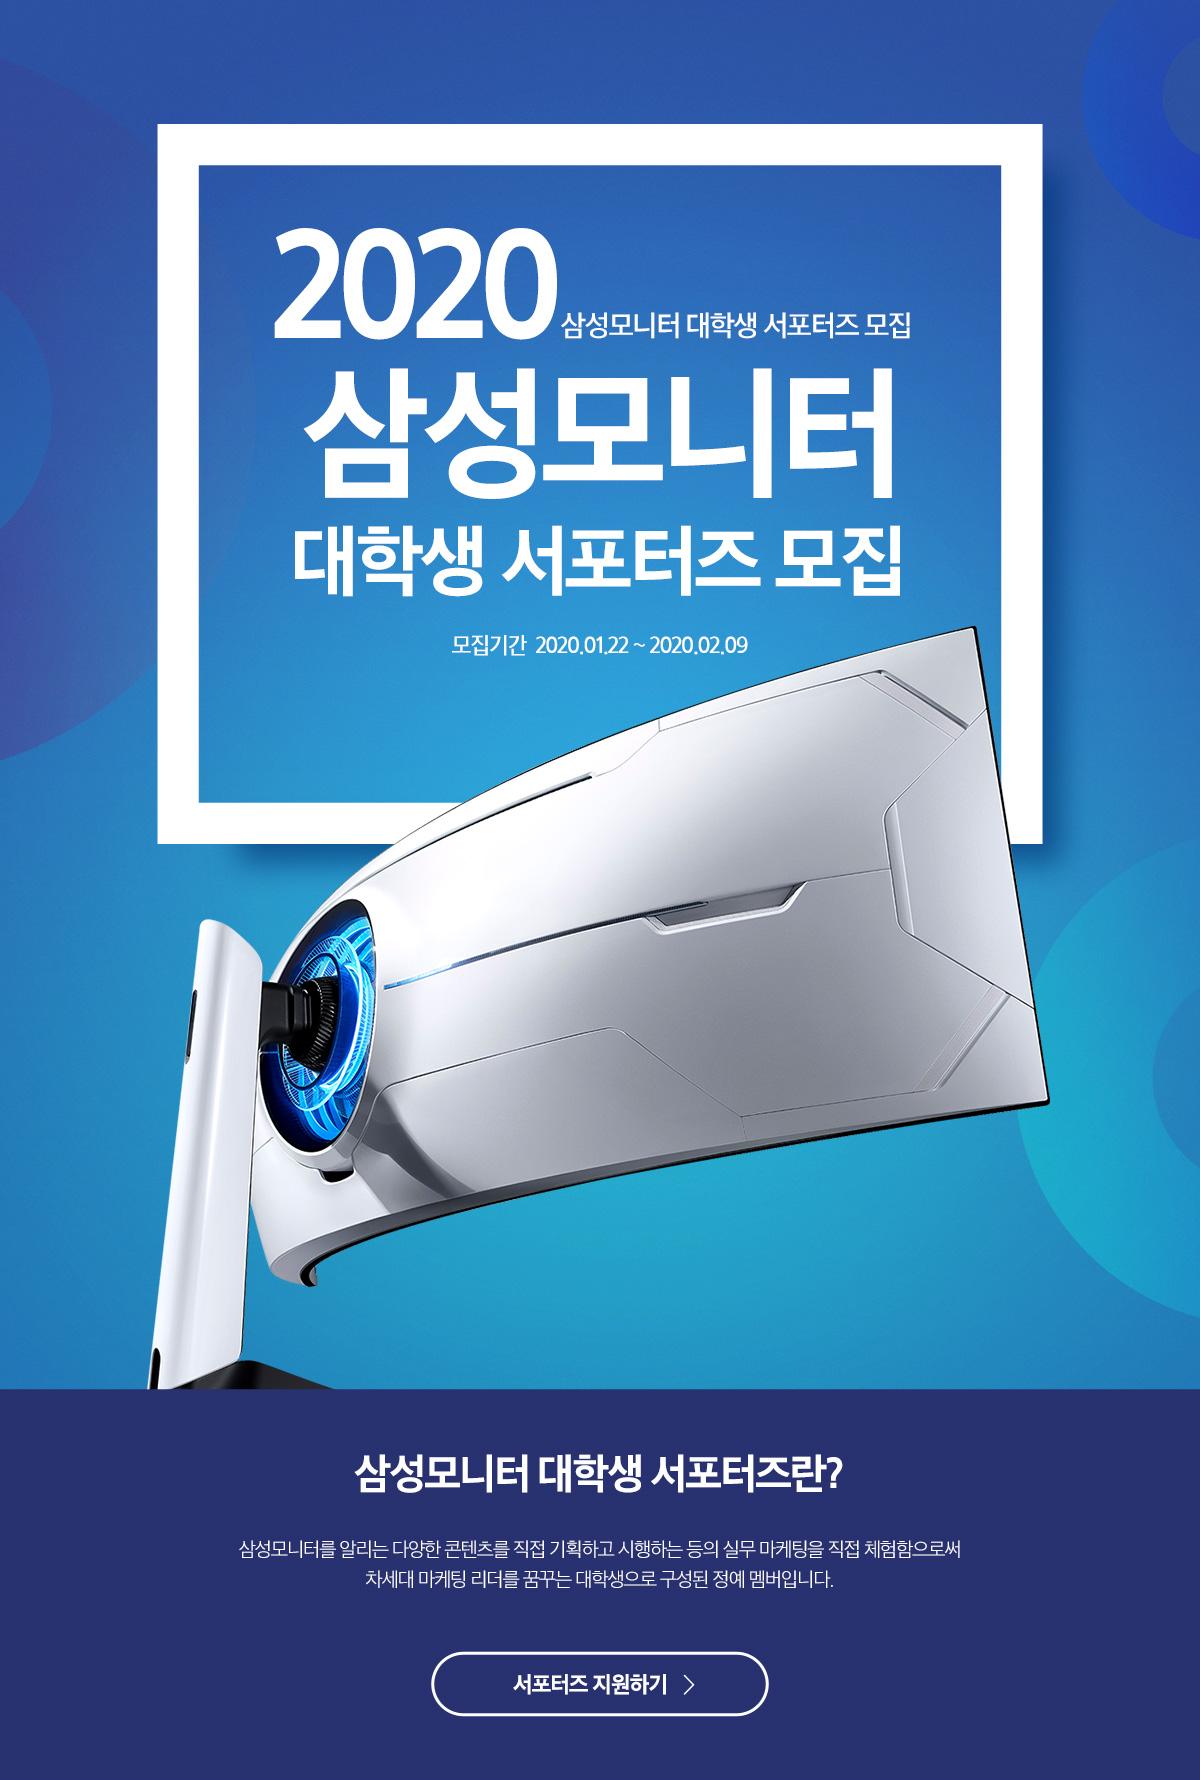 2020 삼성모니터 대학생 서포터즈 모집